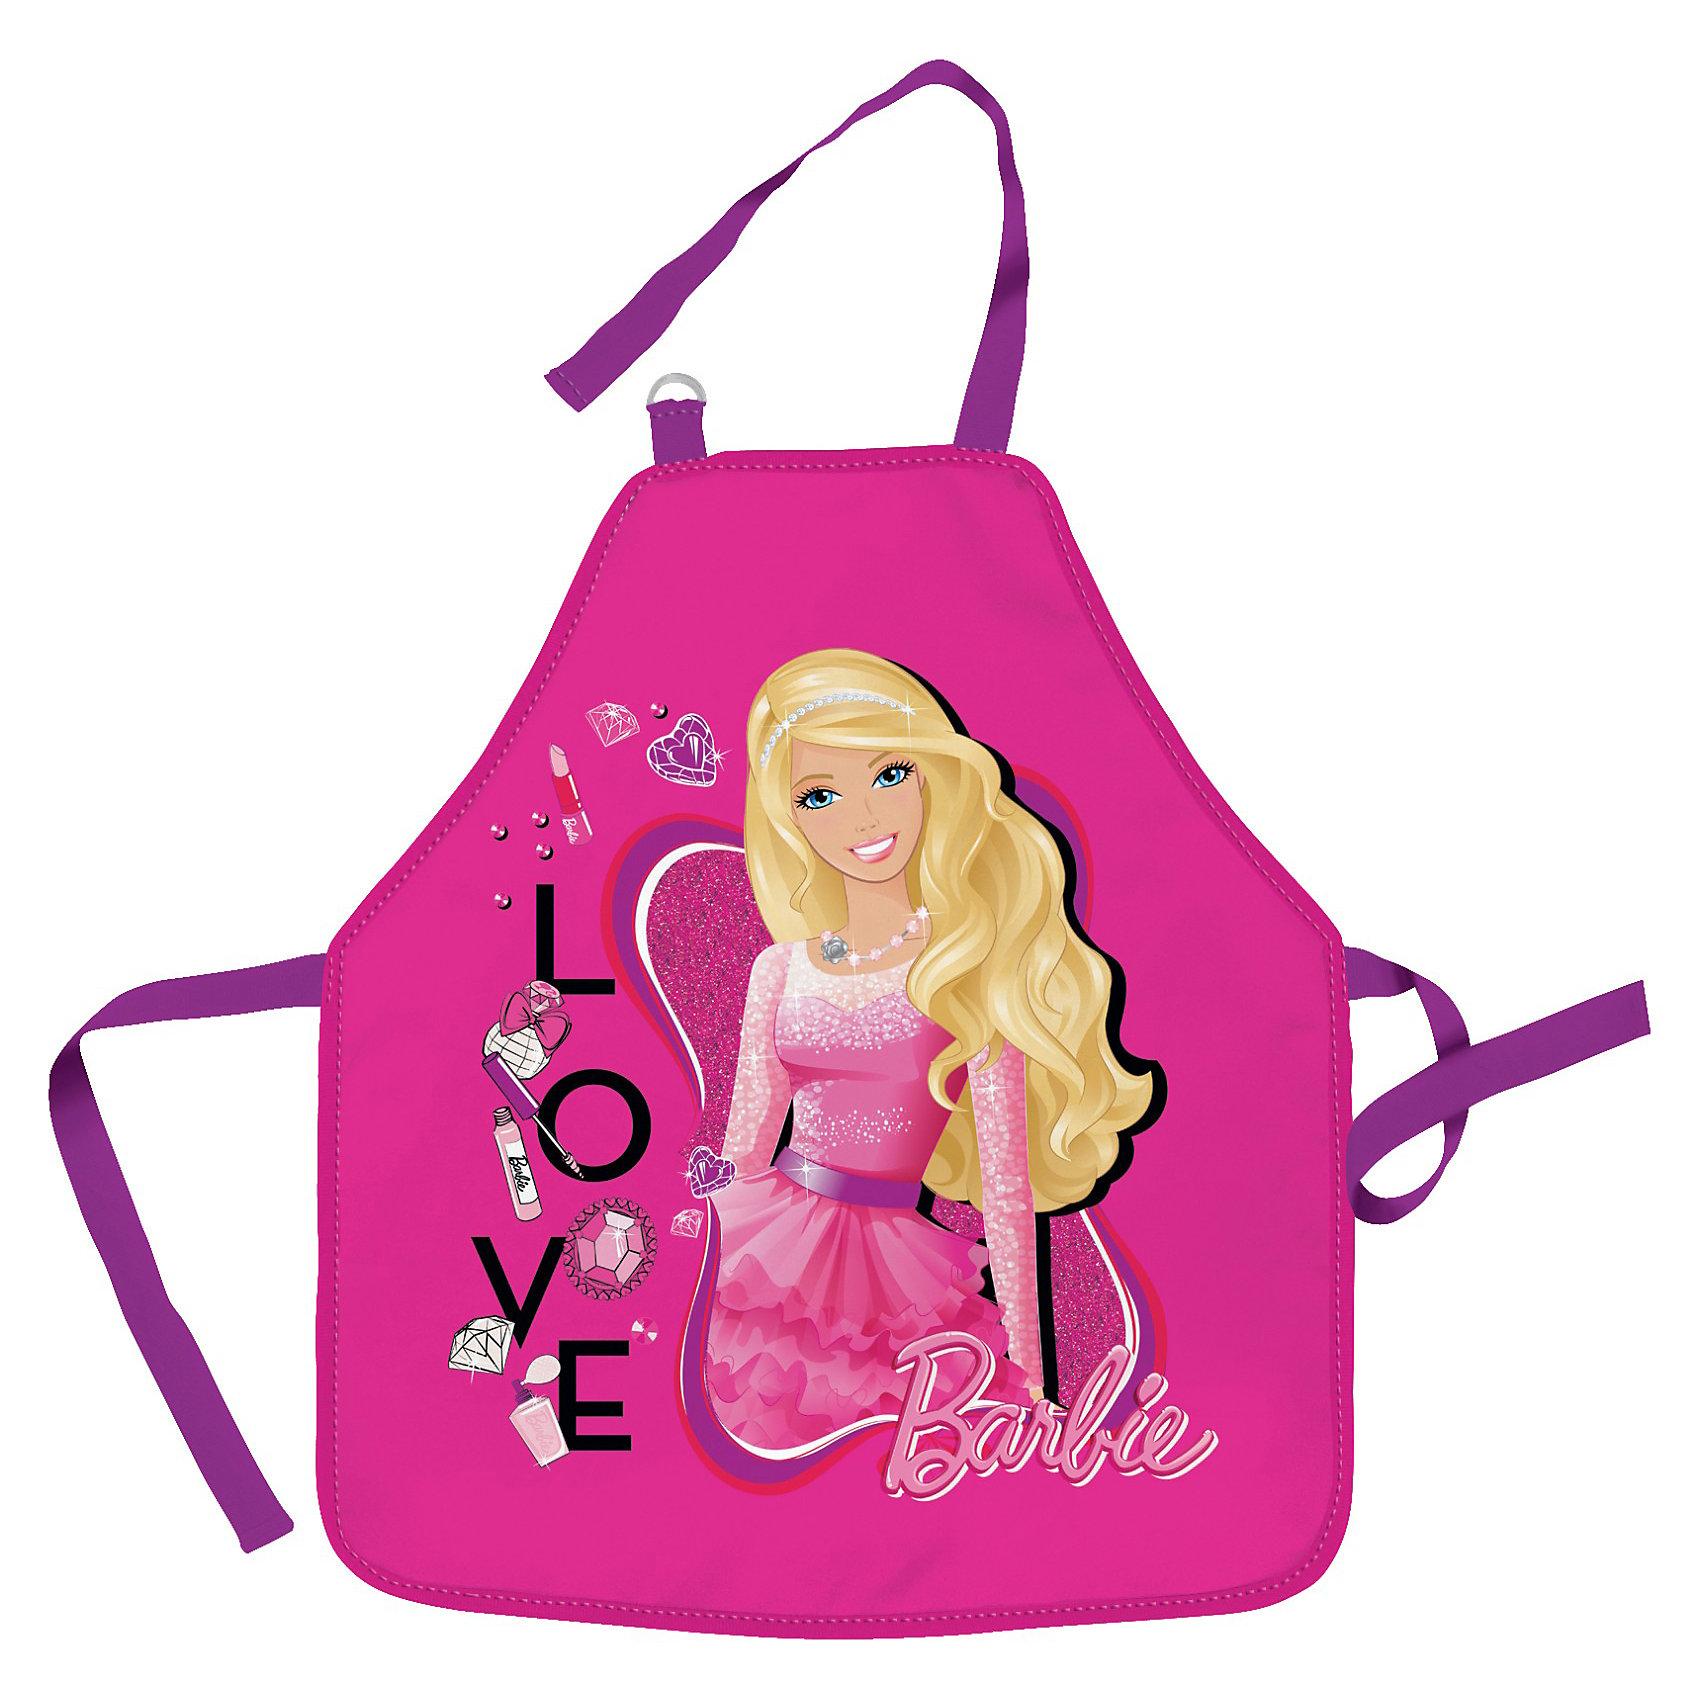 Фартук, BarbieBarbie<br>Фартук Barbie (Барби) обязательно пригодится Вашей дочке на занятиях по труду. Удобный, стильный, практичный - вот главные характеристики этого изделия.  Девочка сможет надеть такой фартук без посторонней помощи: завязка на шее сделана в виде ремешка, который продевается сквозь пряжку, а талия фиксируется с помощью обычных завязок.<br><br>Дополнительная информация: <br><br>- Эта вещь создана для защиты одежды ребенка во время занятий по труду;<br>- Фартук украшен рисунком с изображением любимой куколки Barbie (Барби);<br>- Размер: 51 х 44 см (фартук);<br>- Материал: полиэстер;<br>- Вес: 58 г.<br><br>Фартук Barbie (Барби) можно купить в нашем интернет-магазине.<br><br>Ширина мм: 510<br>Глубина мм: 440<br>Высота мм: 10<br>Вес г: 580<br>Возраст от месяцев: 48<br>Возраст до месяцев: 84<br>Пол: Женский<br>Возраст: Детский<br>SKU: 3563302